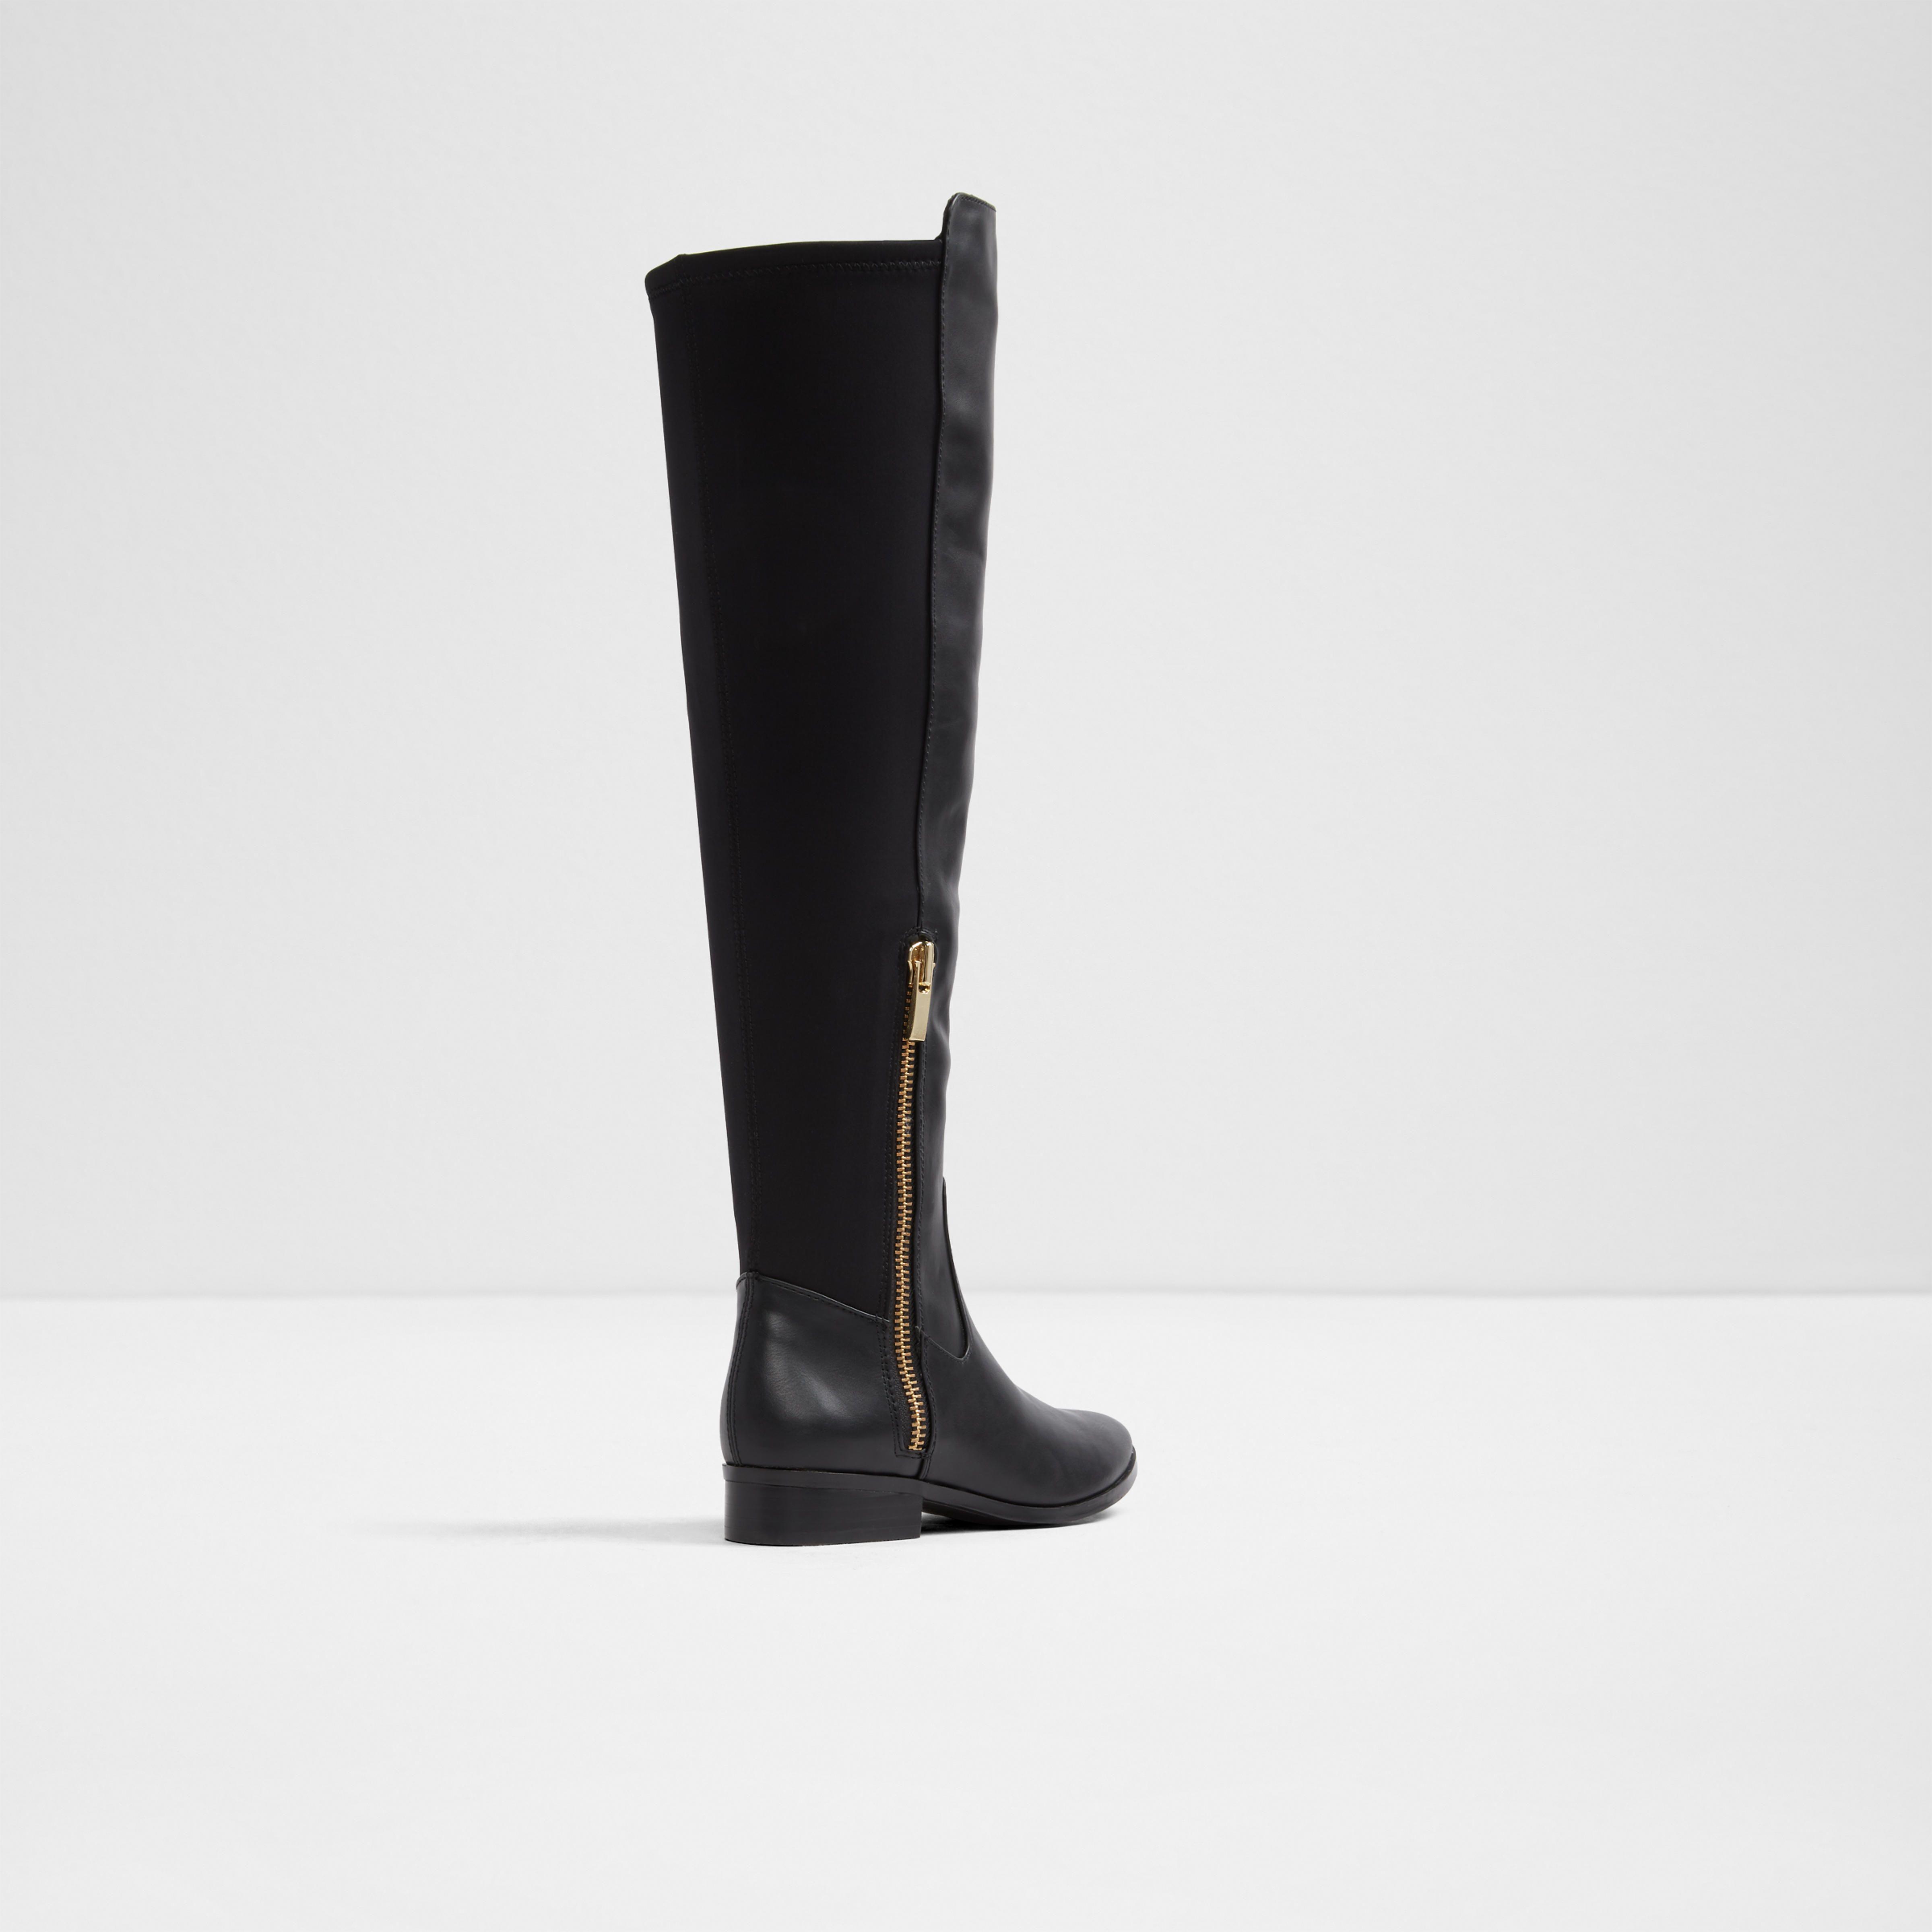 Kaoresa Black Women's Boots | ALDO Canada | Boots, Boot shop